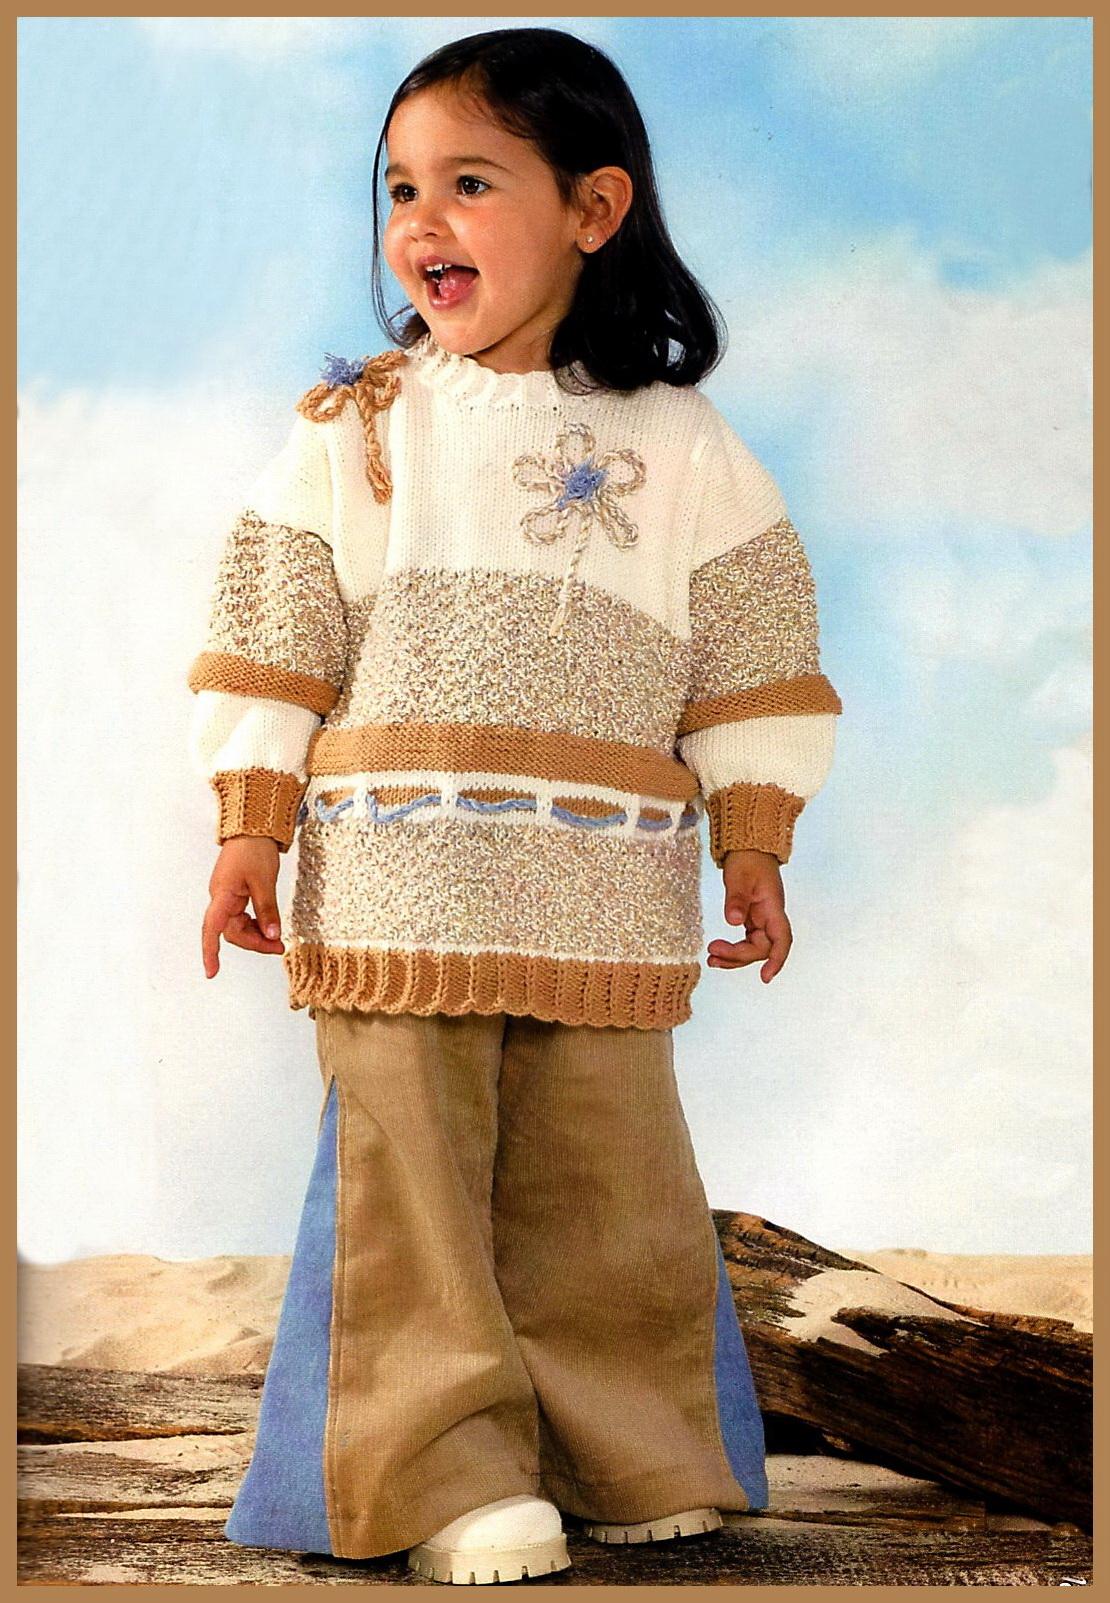 Женский вязаный спицами пуловер с глубоким вырезом, украшенный цветами из контрастной пряжи.Далее. Модели вязания свитеров.Далее. Вязание женского джемпера